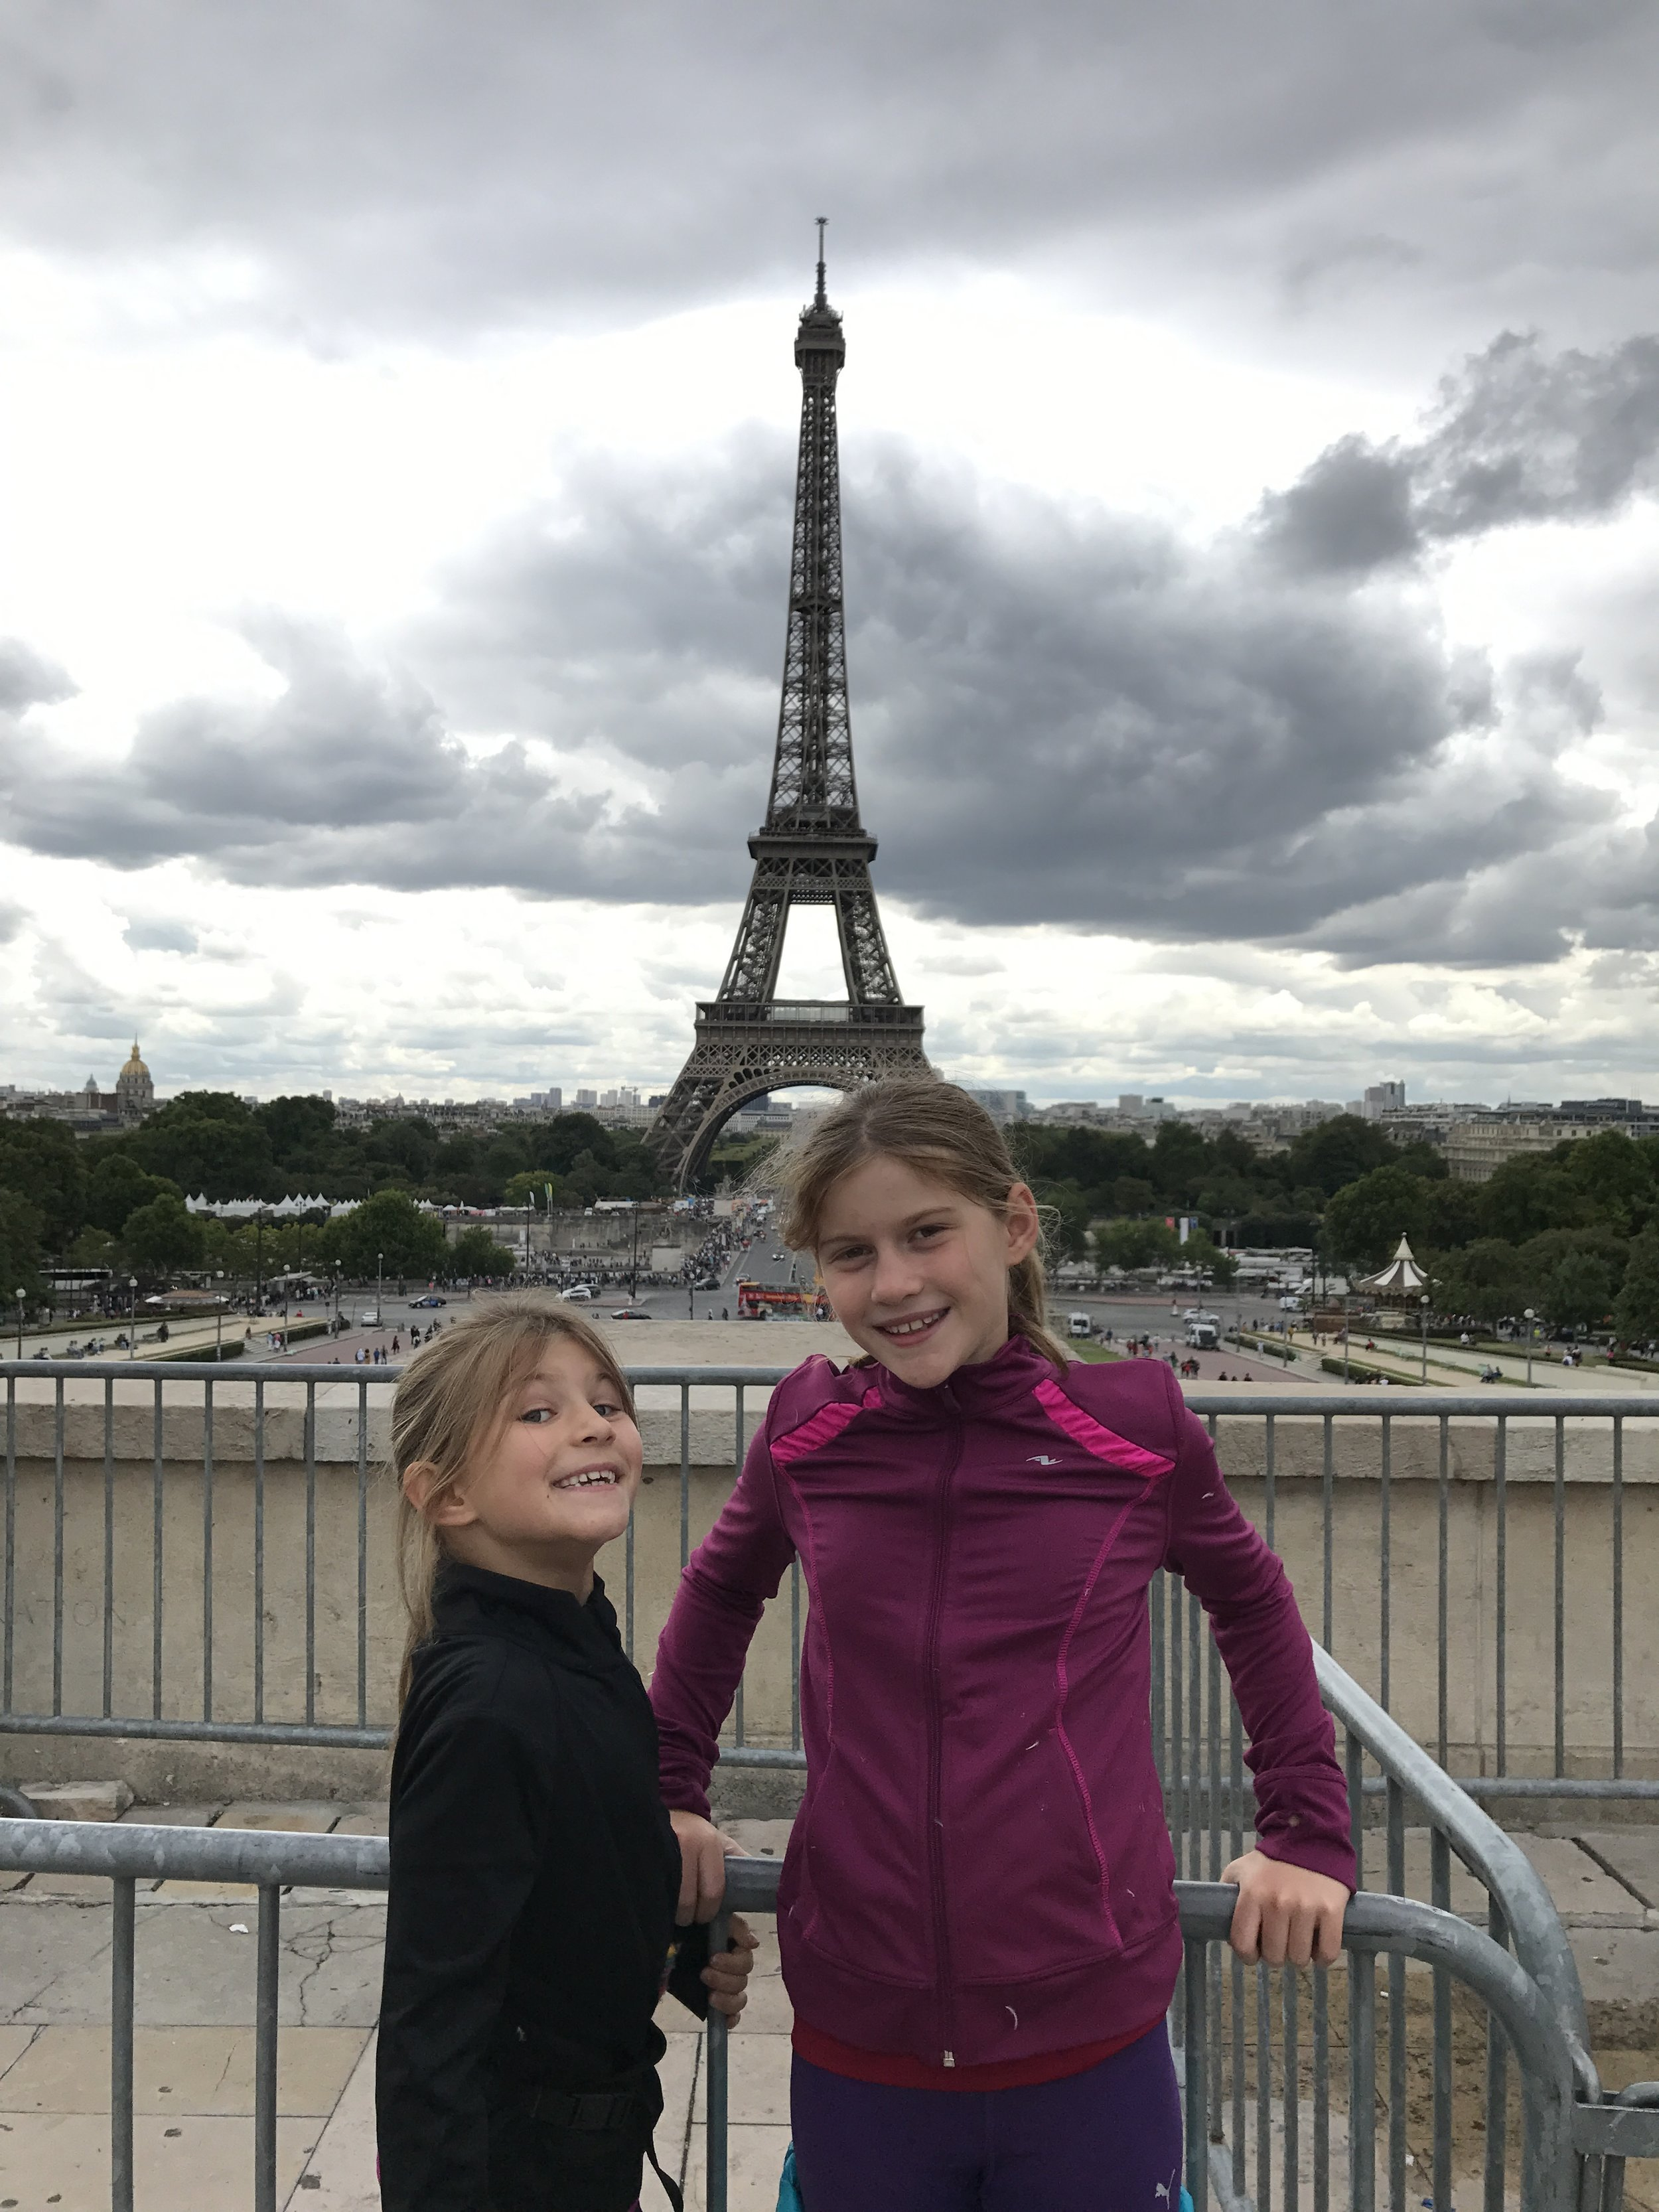 On avait quand même commencé fort notre tour du monde!